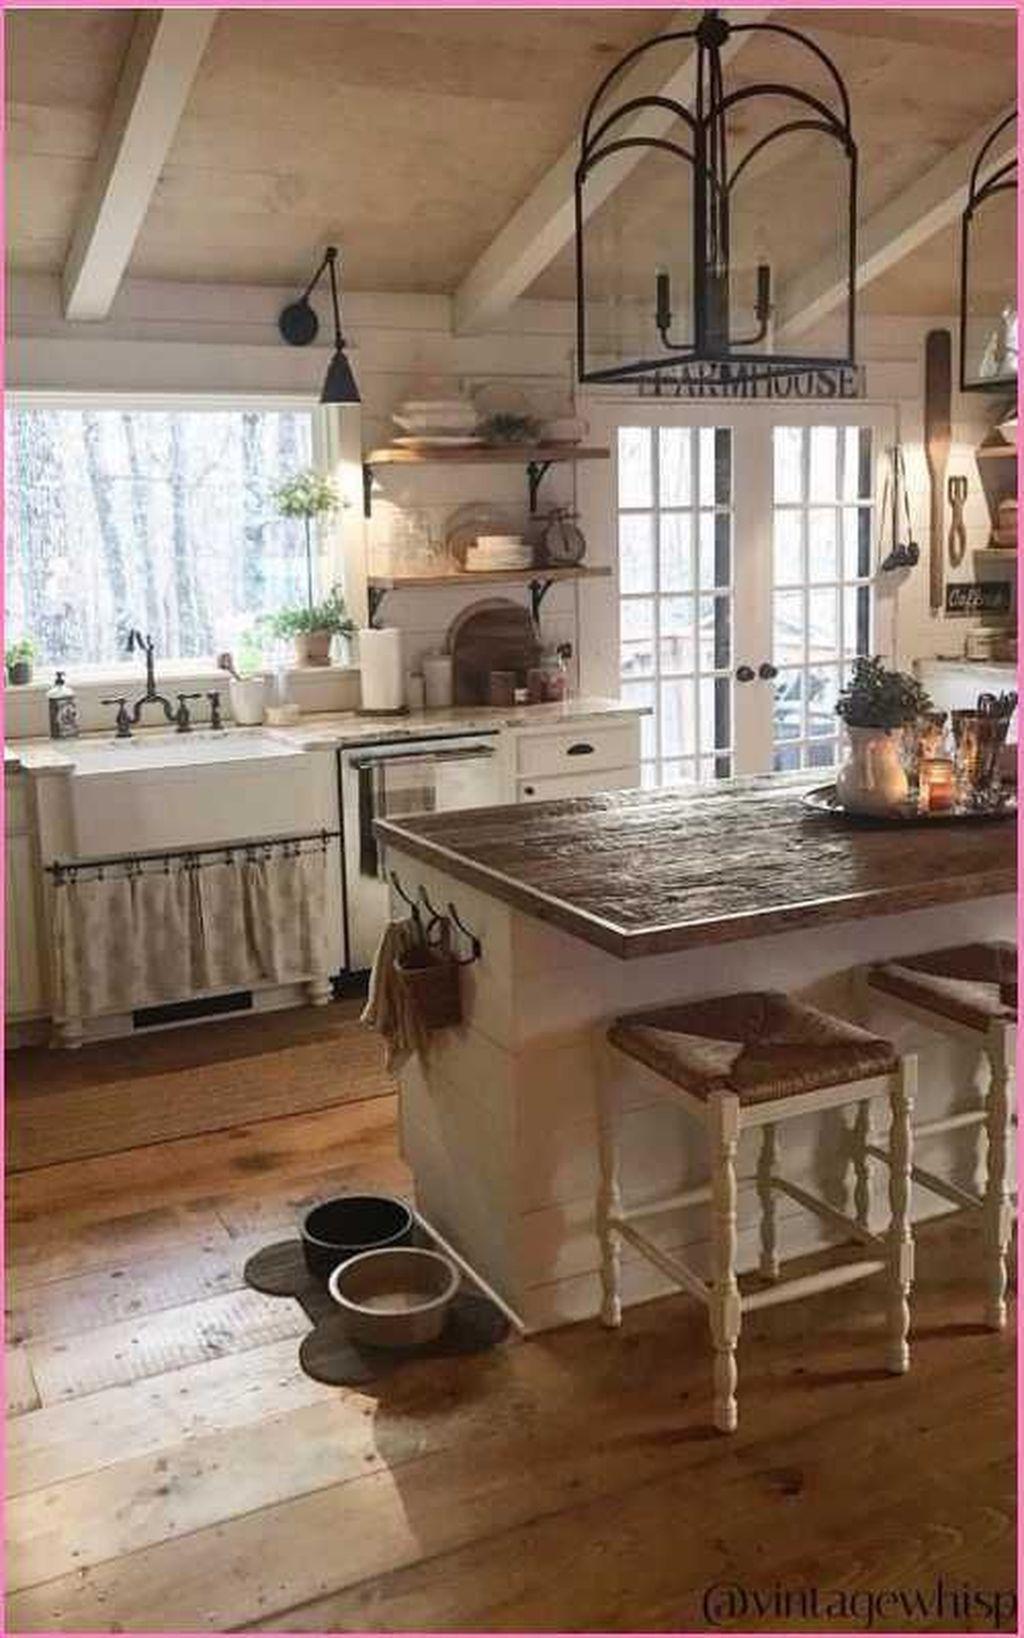 Amazing Organized Farmhouse Kitchen Decor Ideas 18